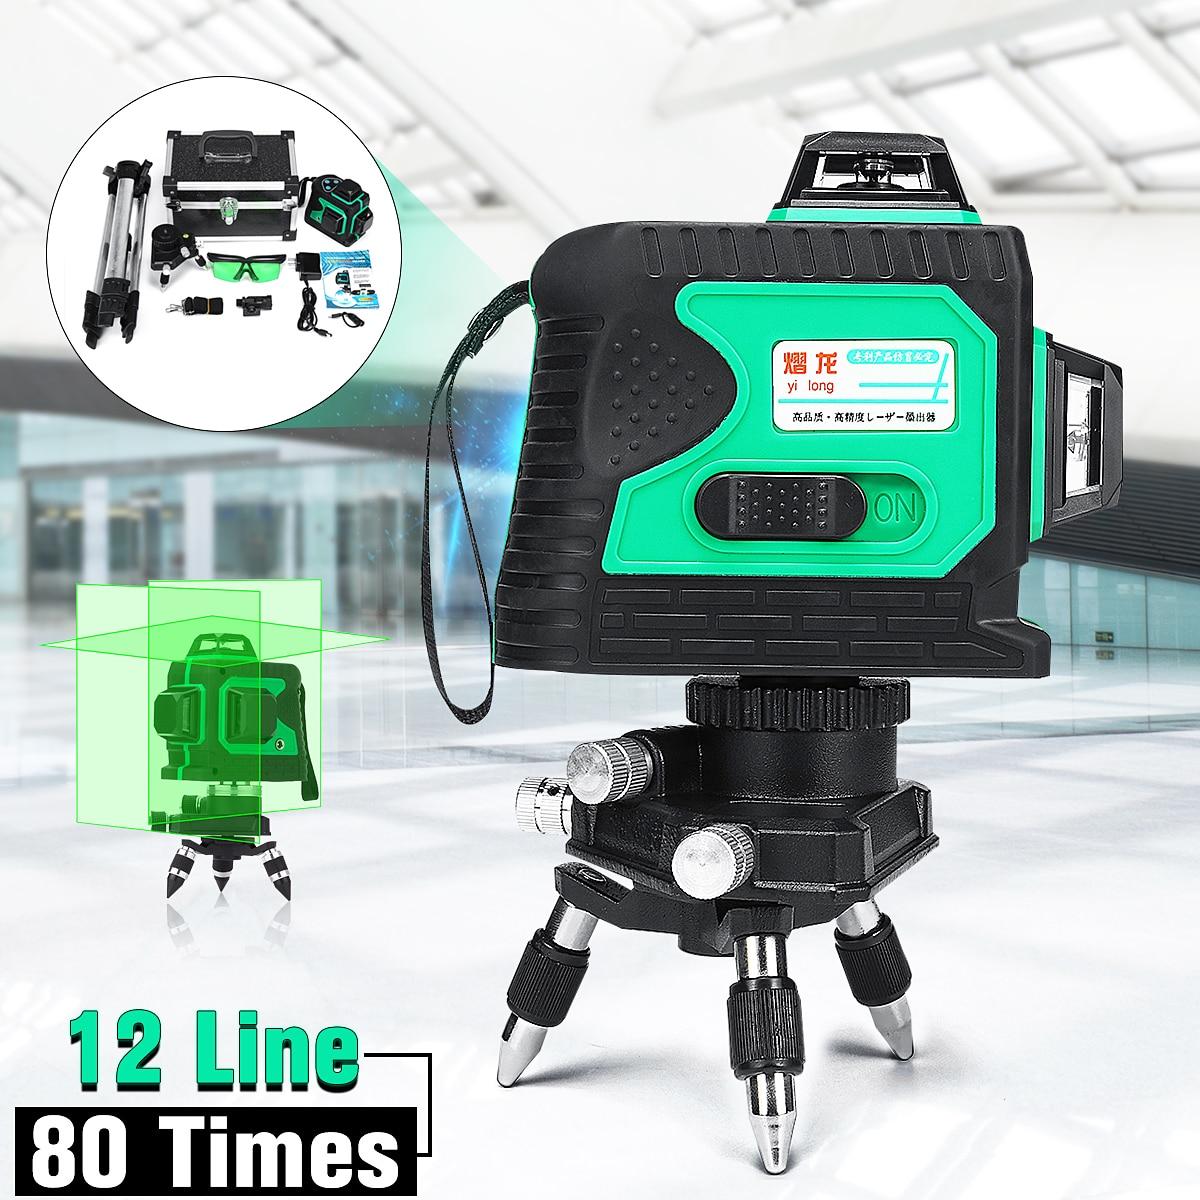 3D 12 Linea di 360 Gradi di Livello Laser con Treppiede Impermeabile Auto Auto Livellamento Orizzontale Verticale Croce VERDE A Piombo-punto funzione